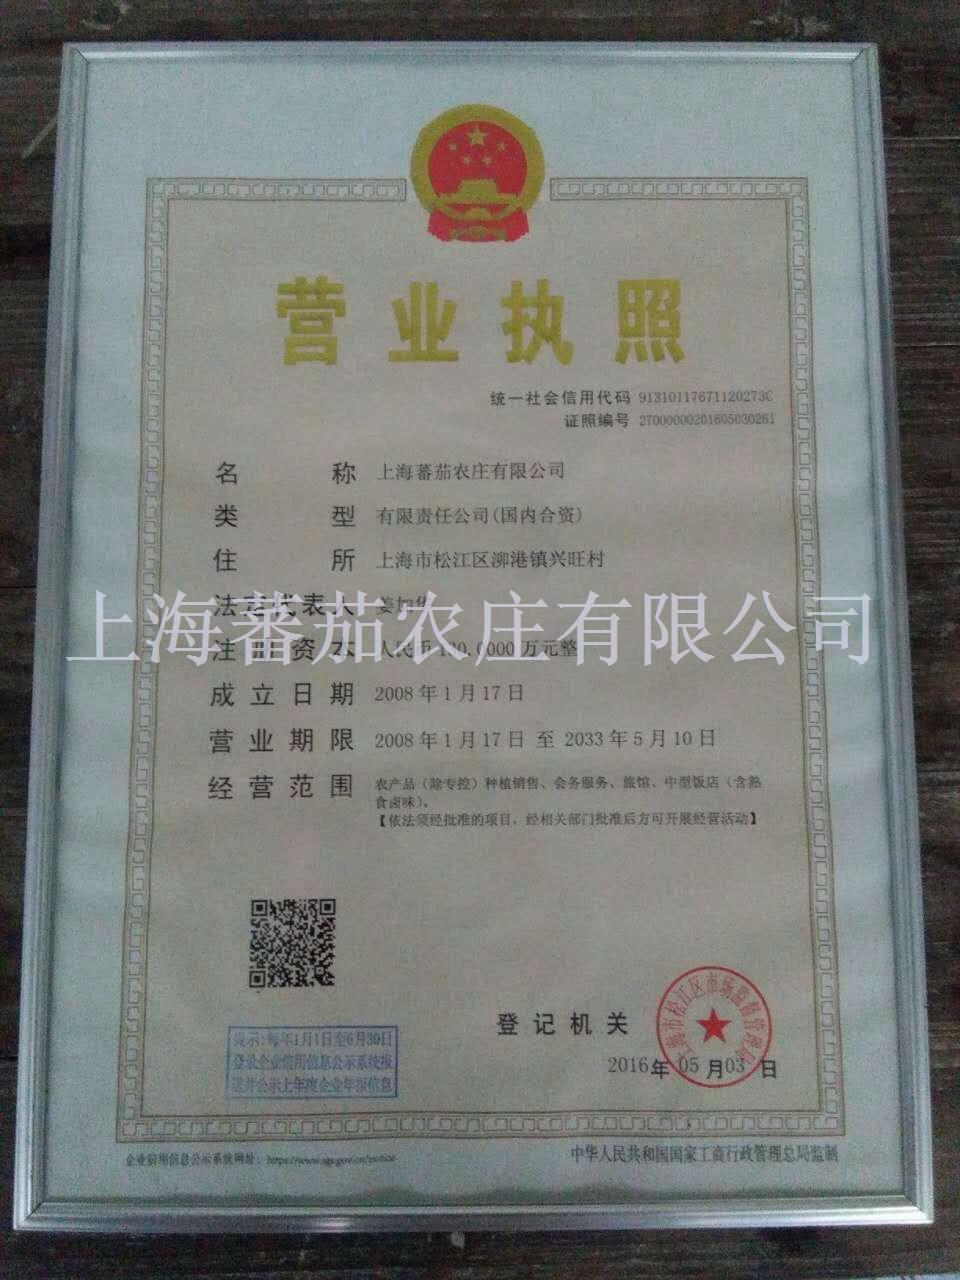 上海蕃茄农庄有限公司